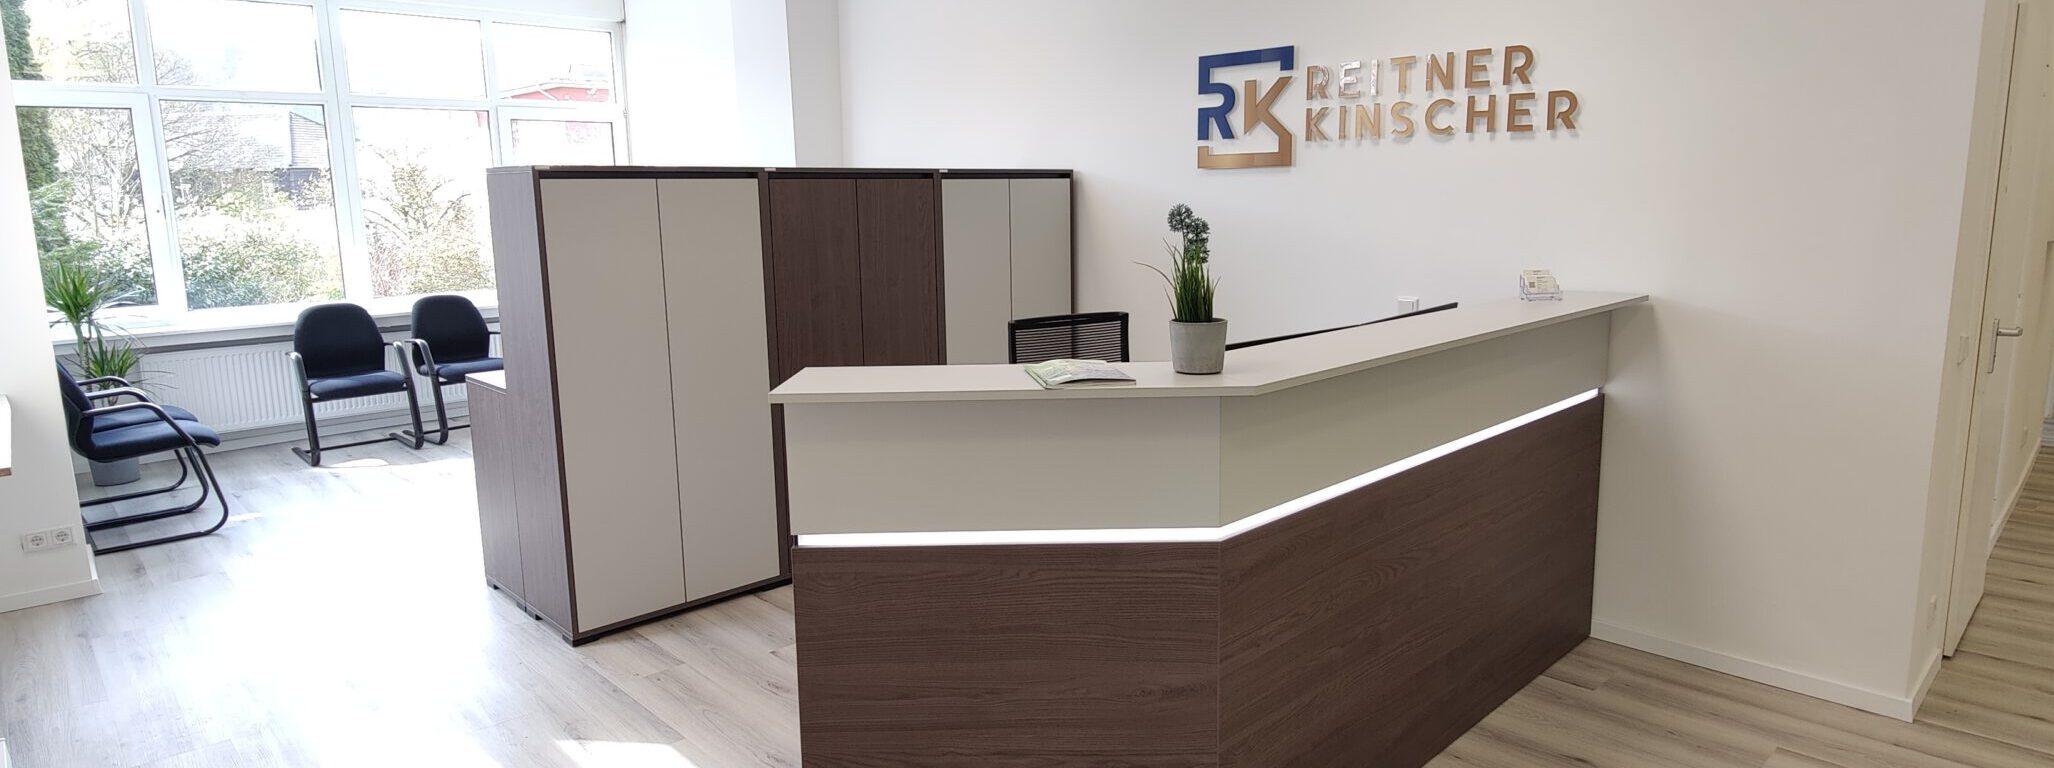 Empfang - REITNER KINSCHER Rechtsanwälte Fachanwälte Notar - Essen Kettwig